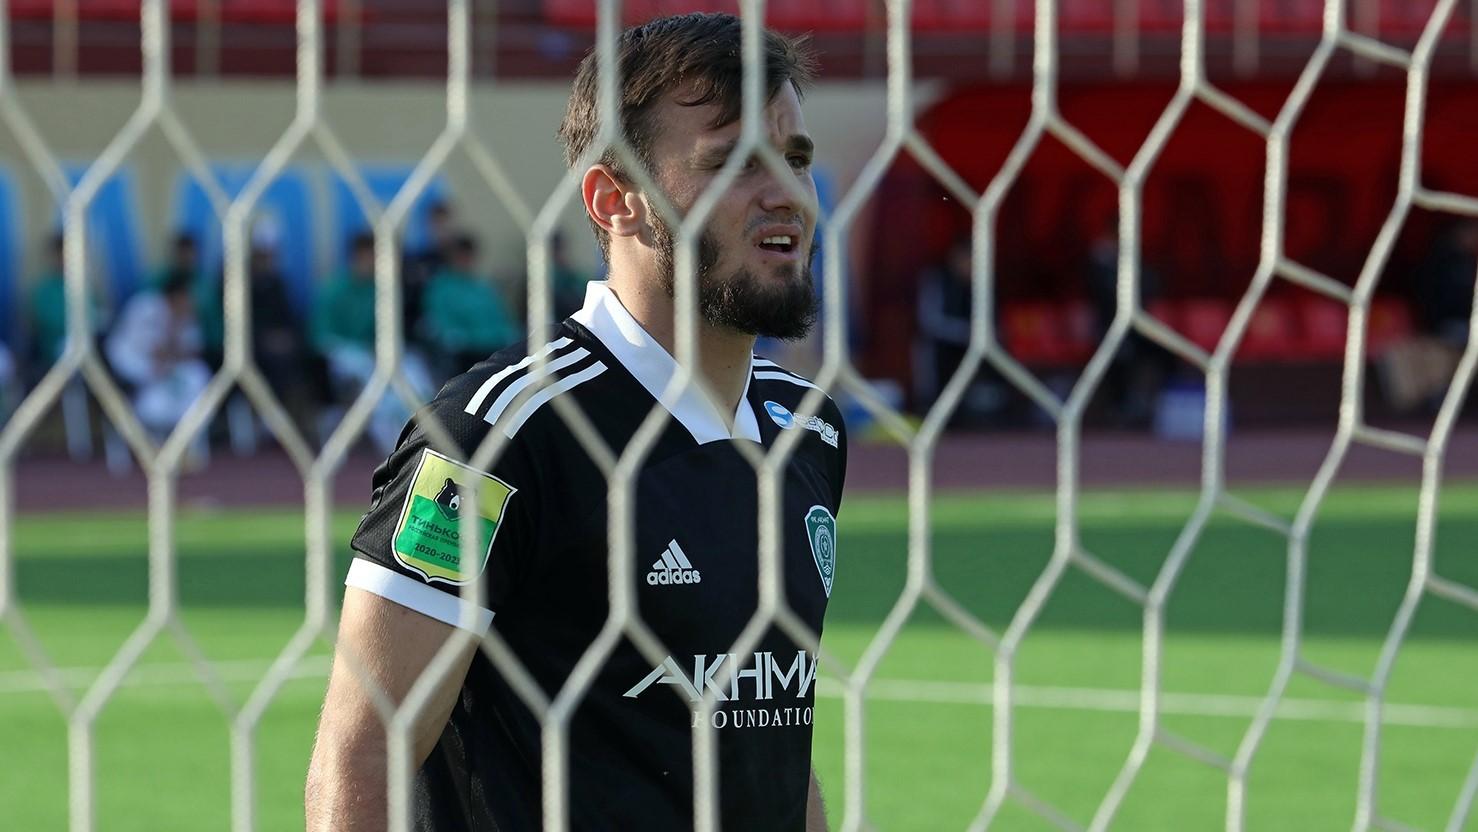 Герой тура в турнире молодежек – вратарь «Ахмата»: взял пенальти, ассистировал со штрафного, принес ничью с «Зенитом»